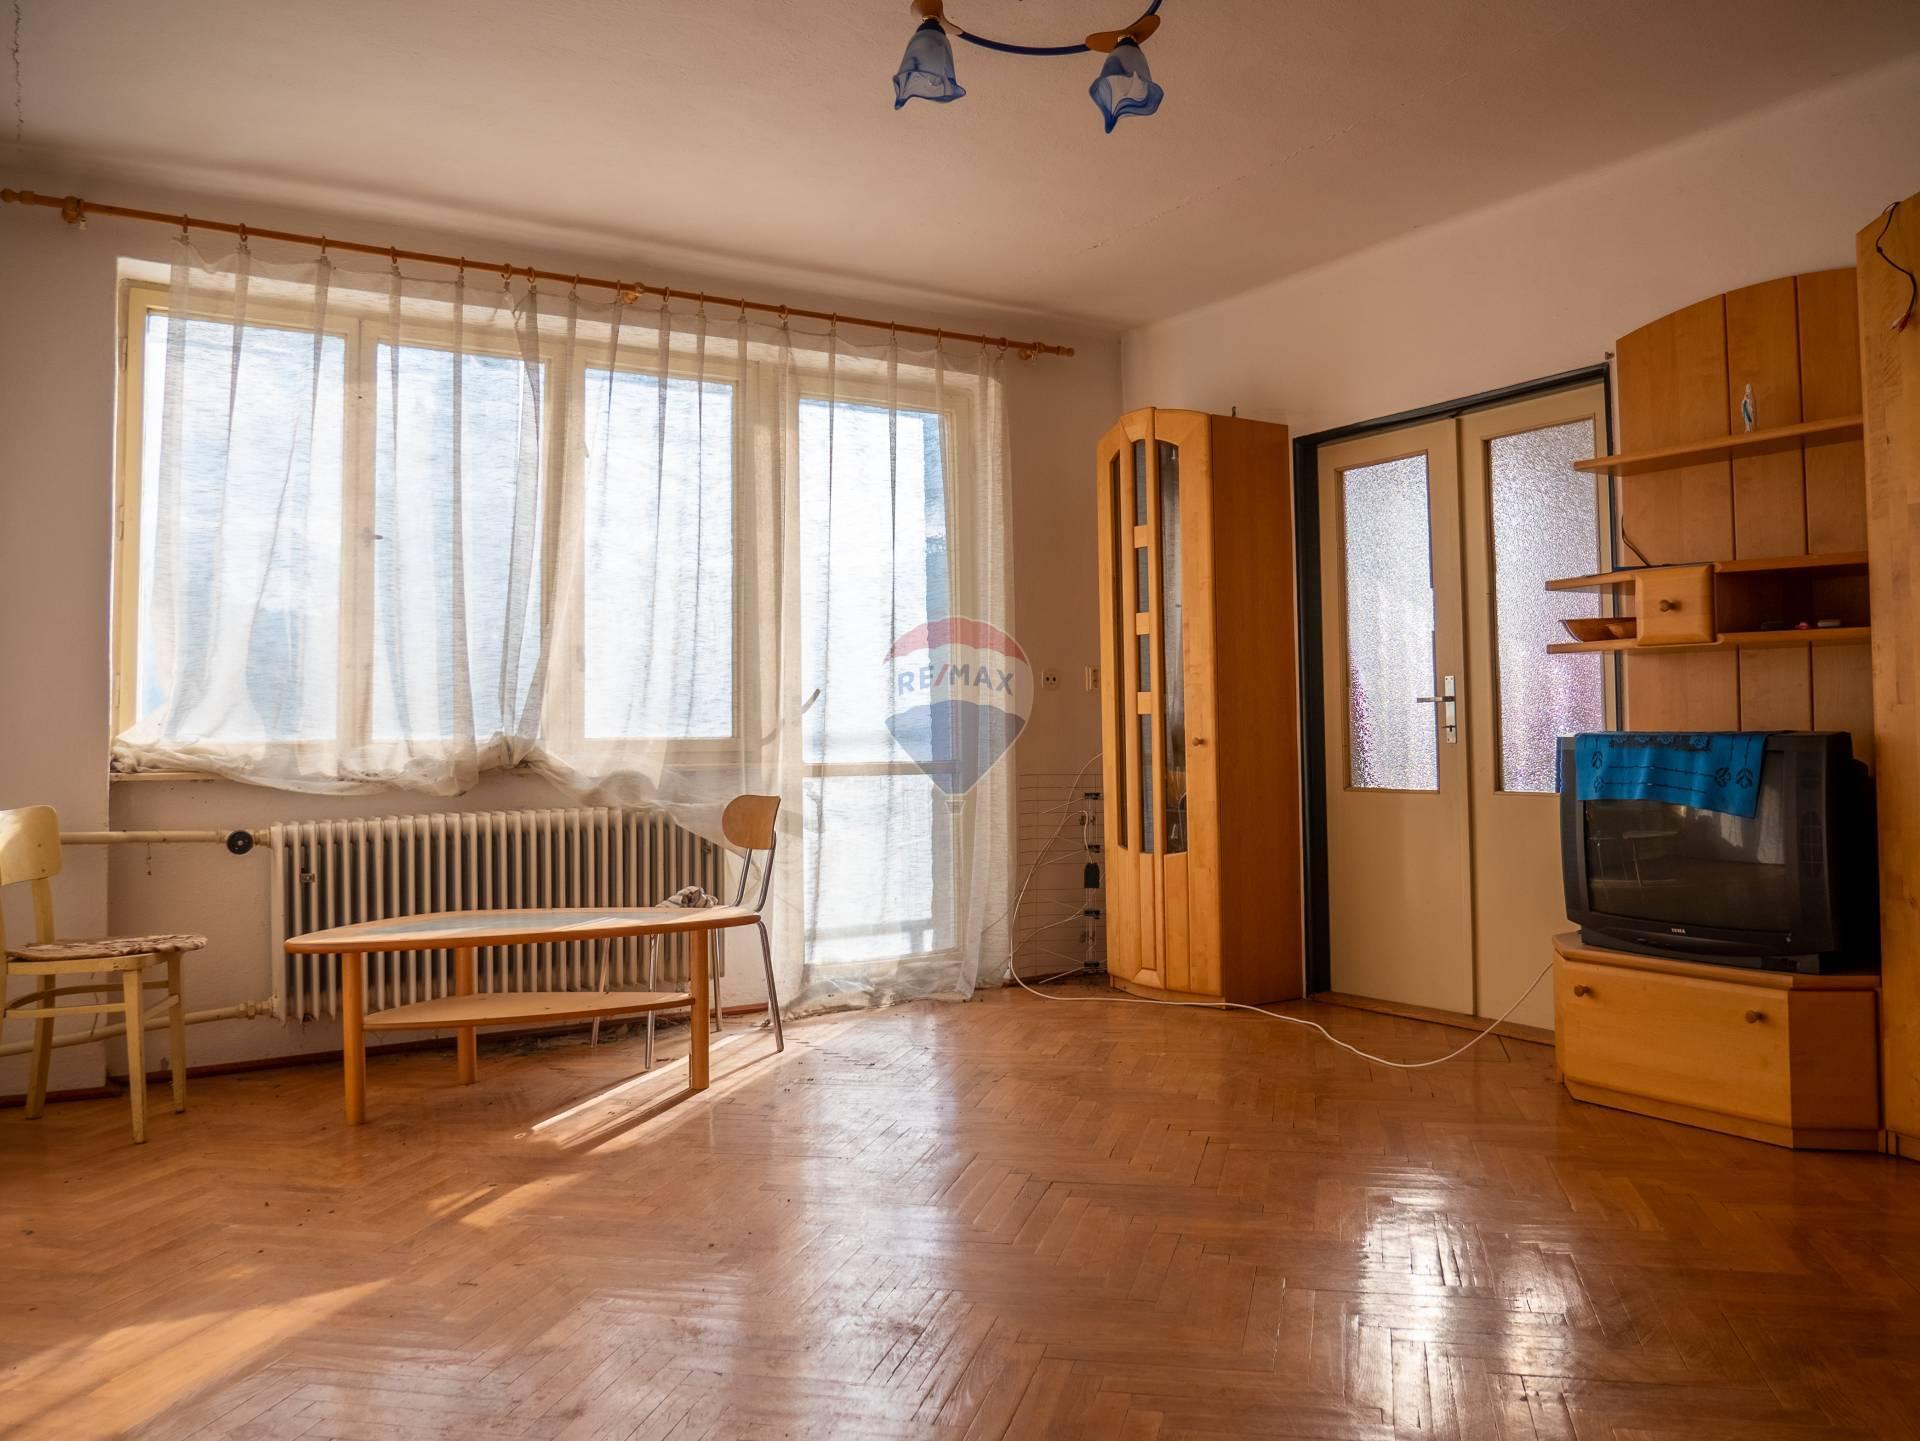 Predaj bytu (3 izbový) 96 m2, Šumiac -